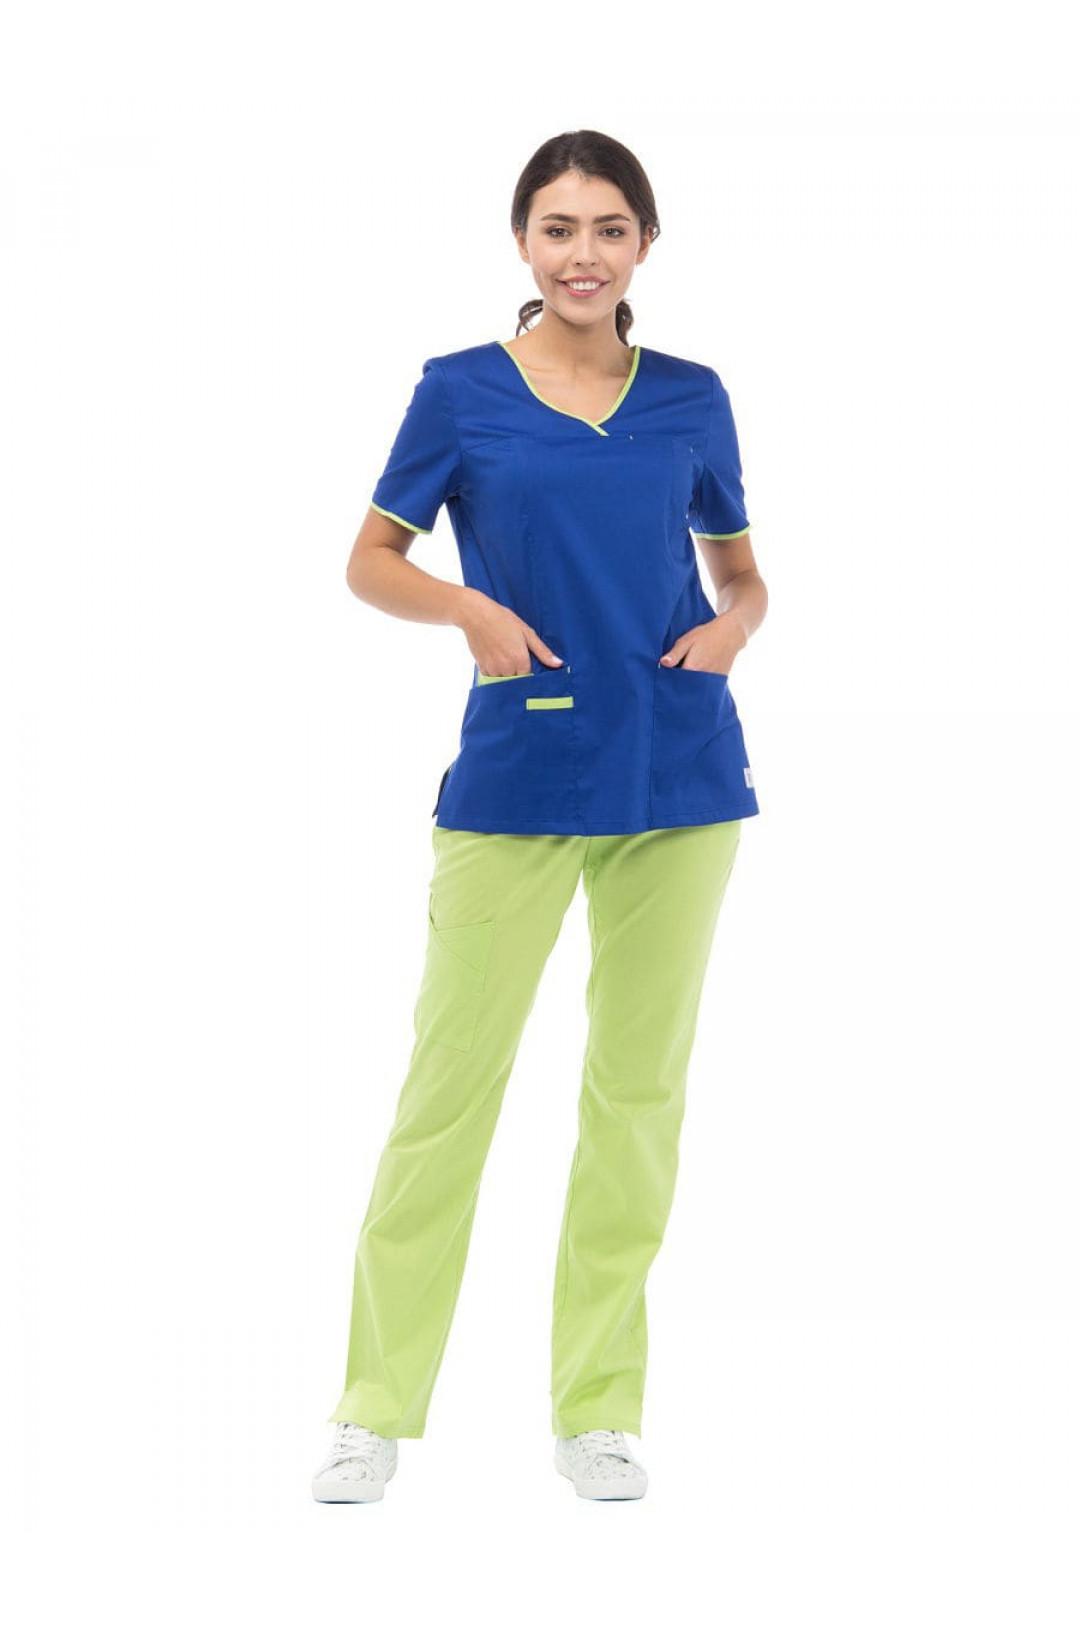 Блузка медицинская женская LF 2110 (синий, стрейч)